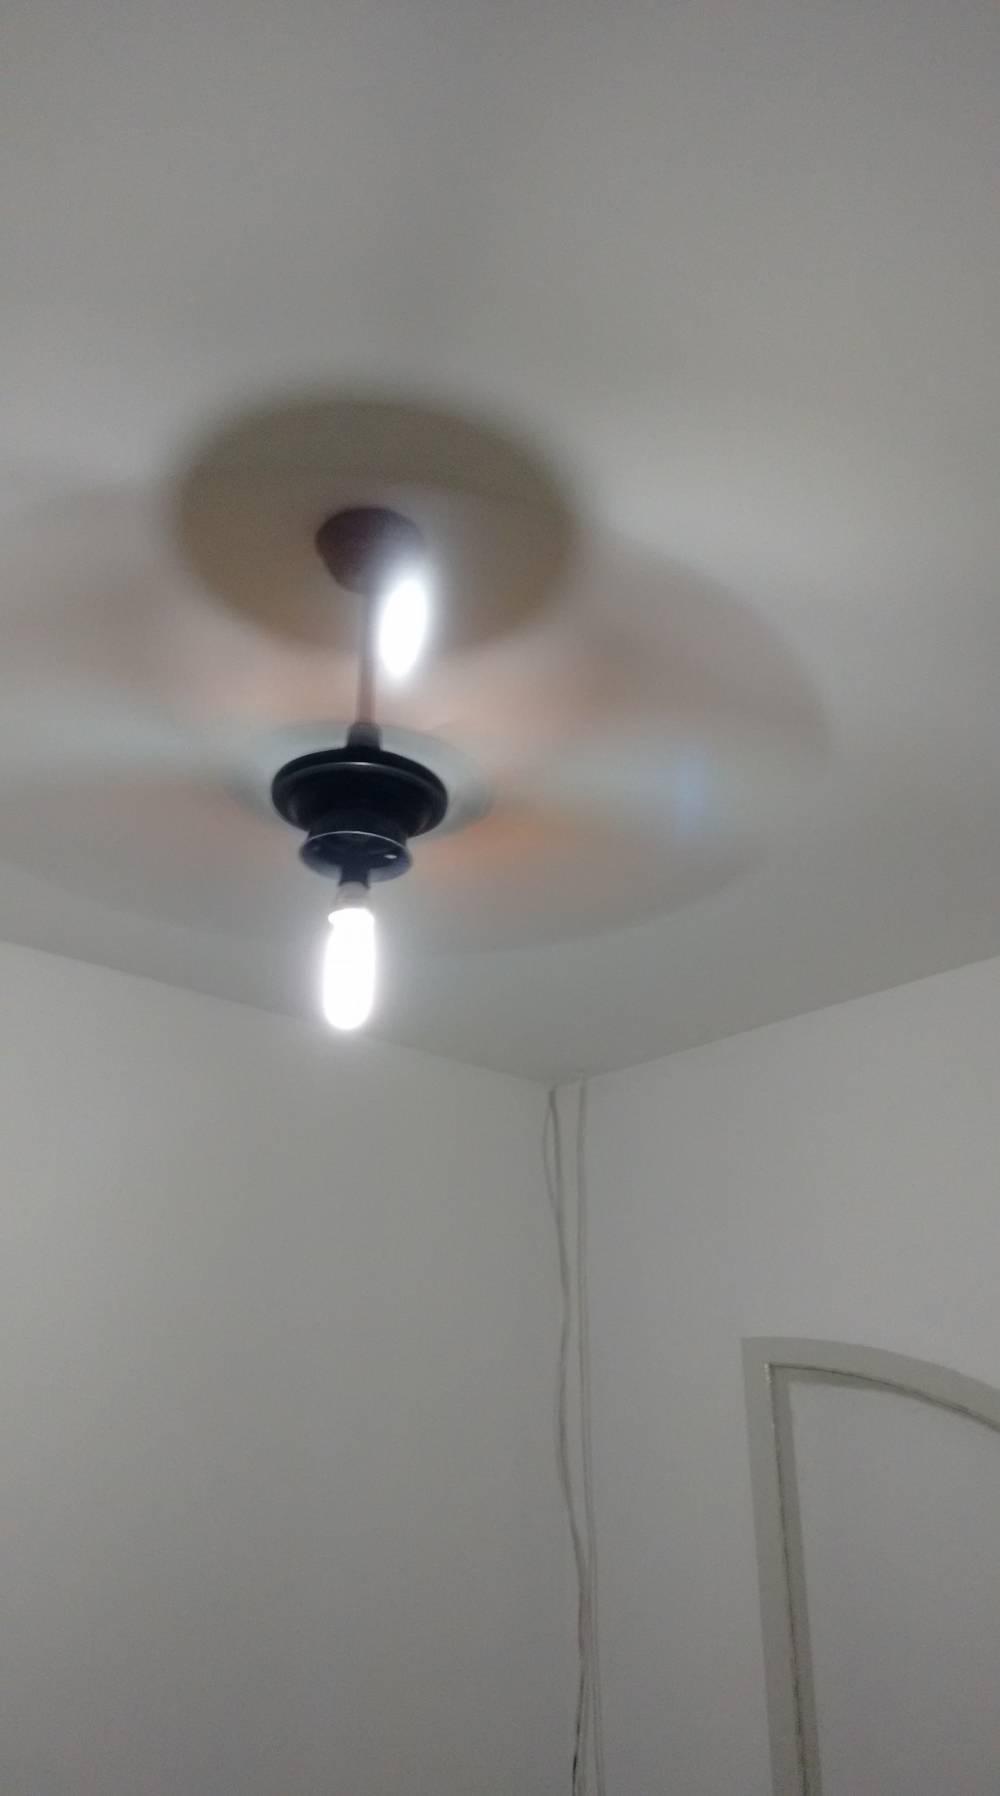 Reparo em Residências Onde Contratar na Vila Moinho Velho - Reparos Residenciais no ABC